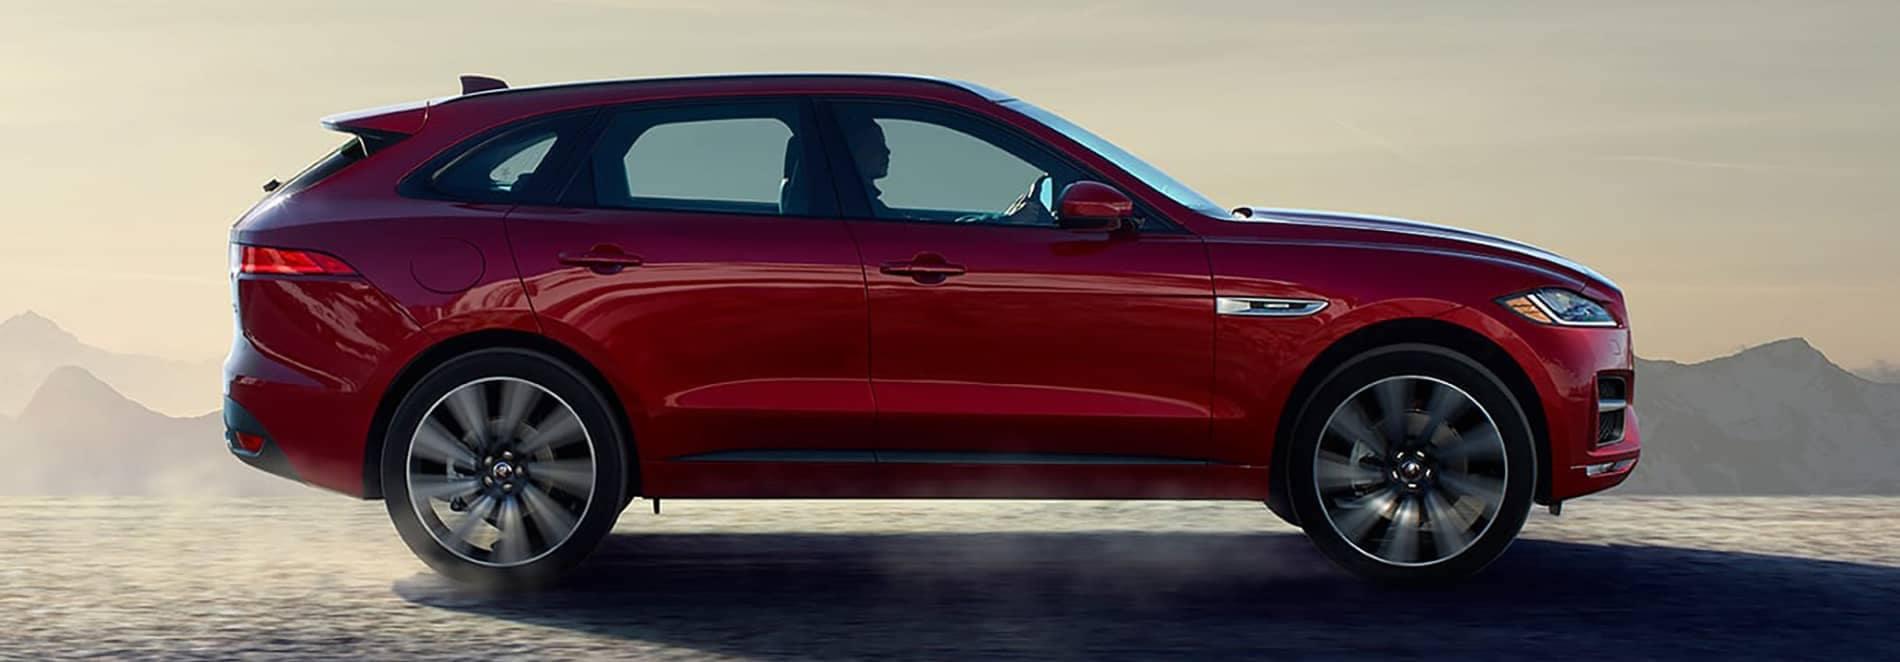 2019 Jaguar F-Pace Exterior